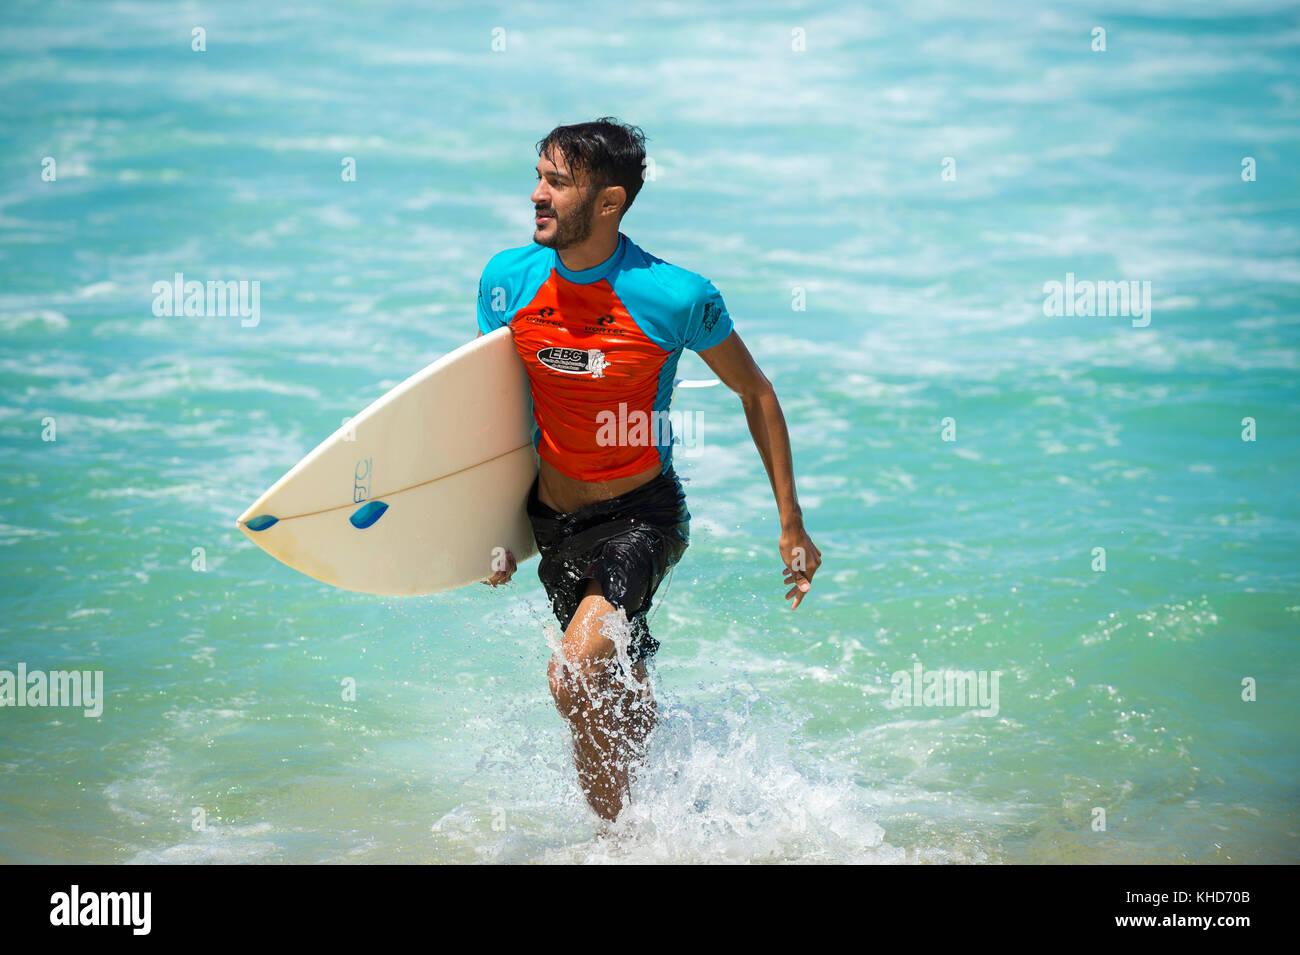 Rio de Janeiro - febbraio 9, 2017: giovane brasiliano surfer cammina con la sua tavola da surf attraverso le onde Immagini Stock